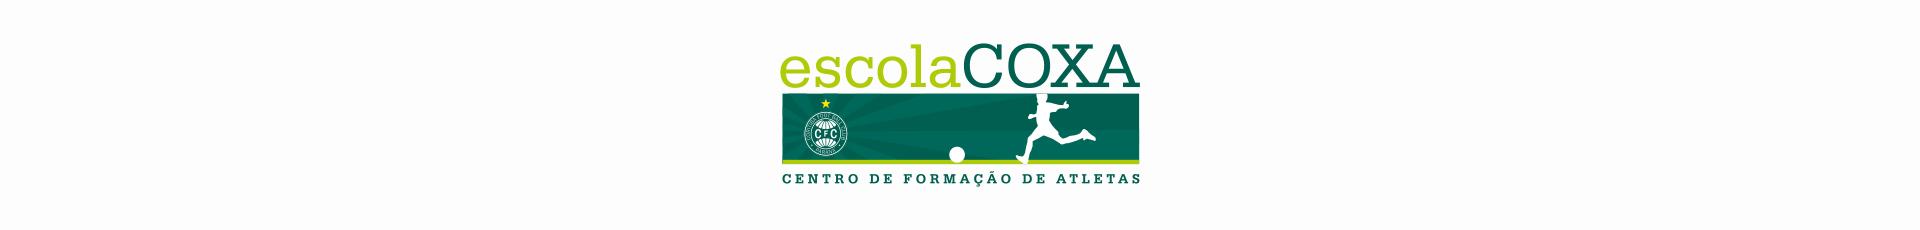 Banner Escola Coxa